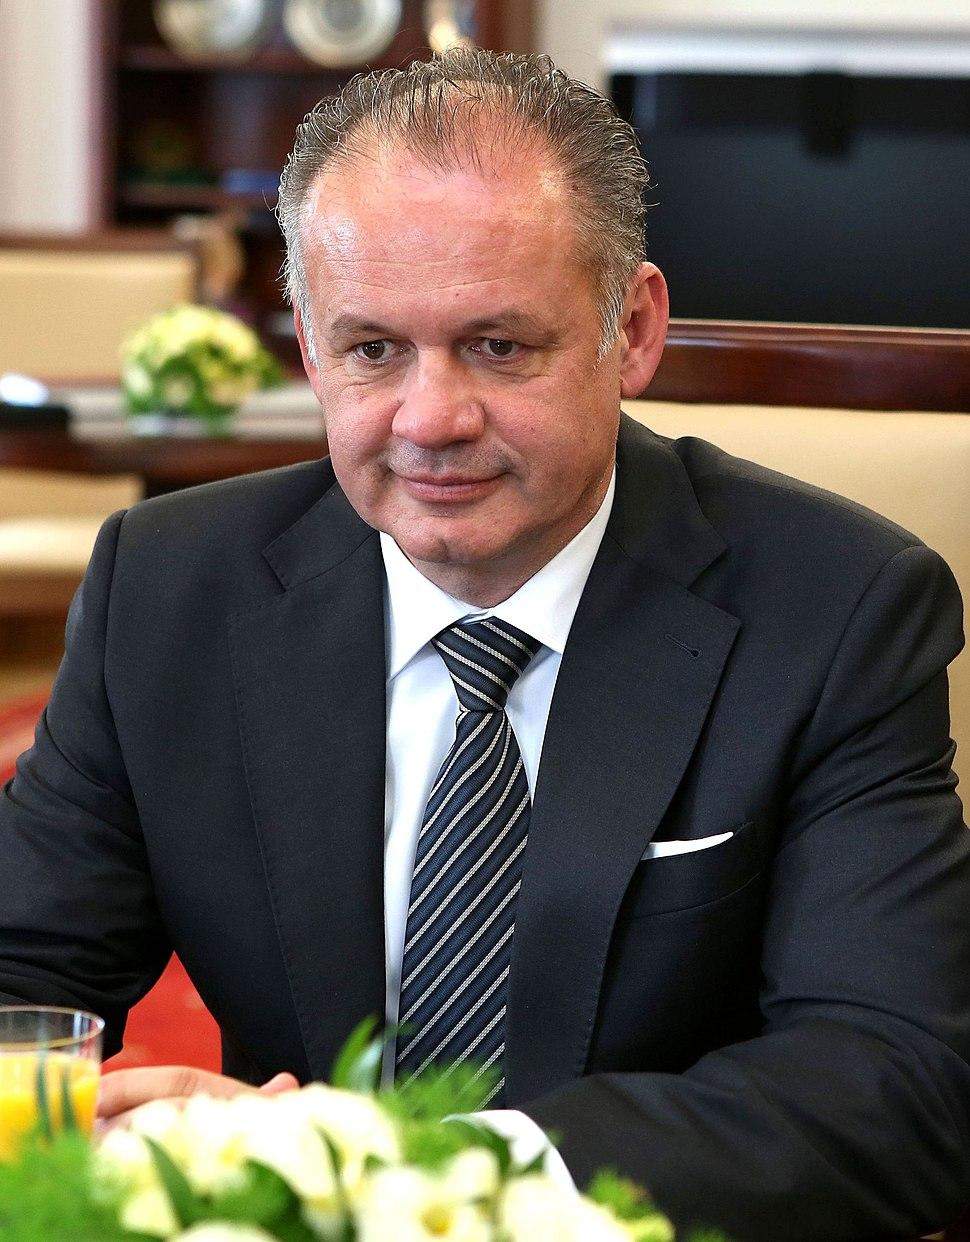 Andrej Kiska in Senate of Poland